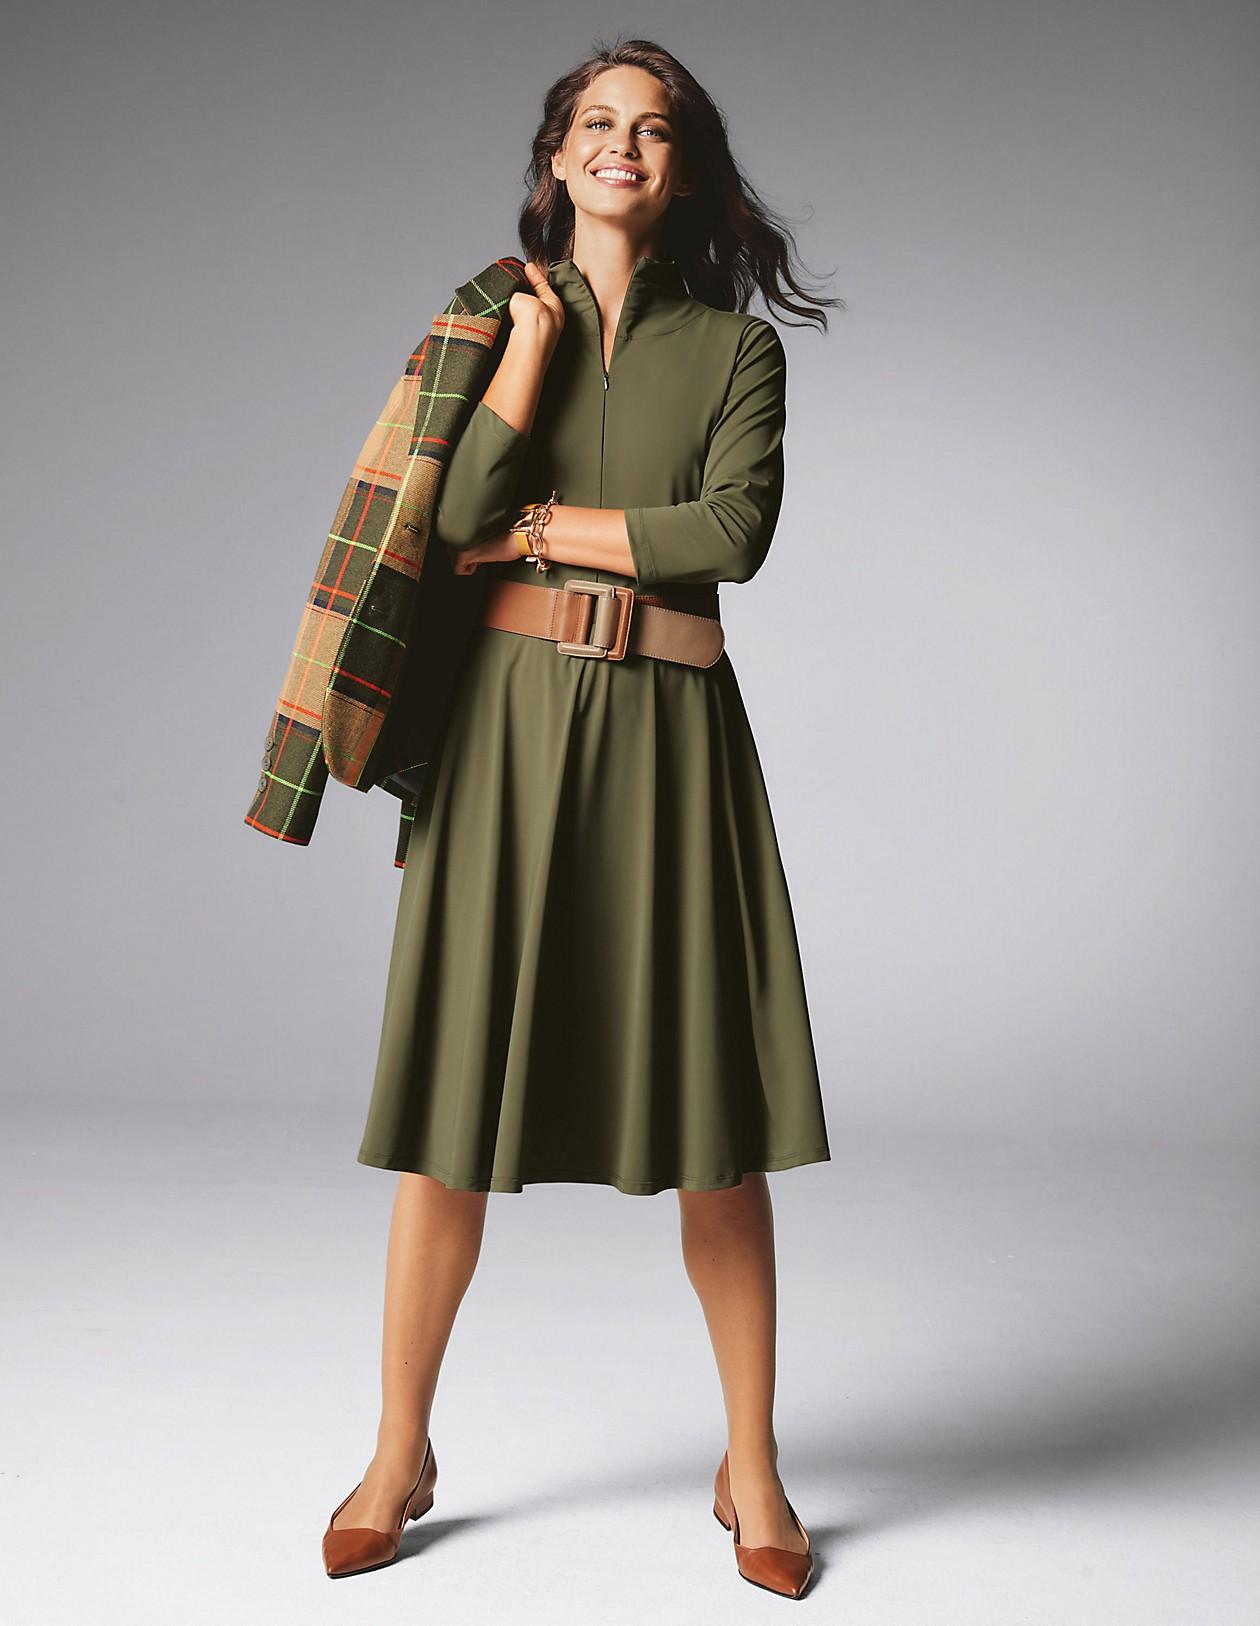 Kleid mit Reißverschluss, khaki, grün  MADELEINE Mode